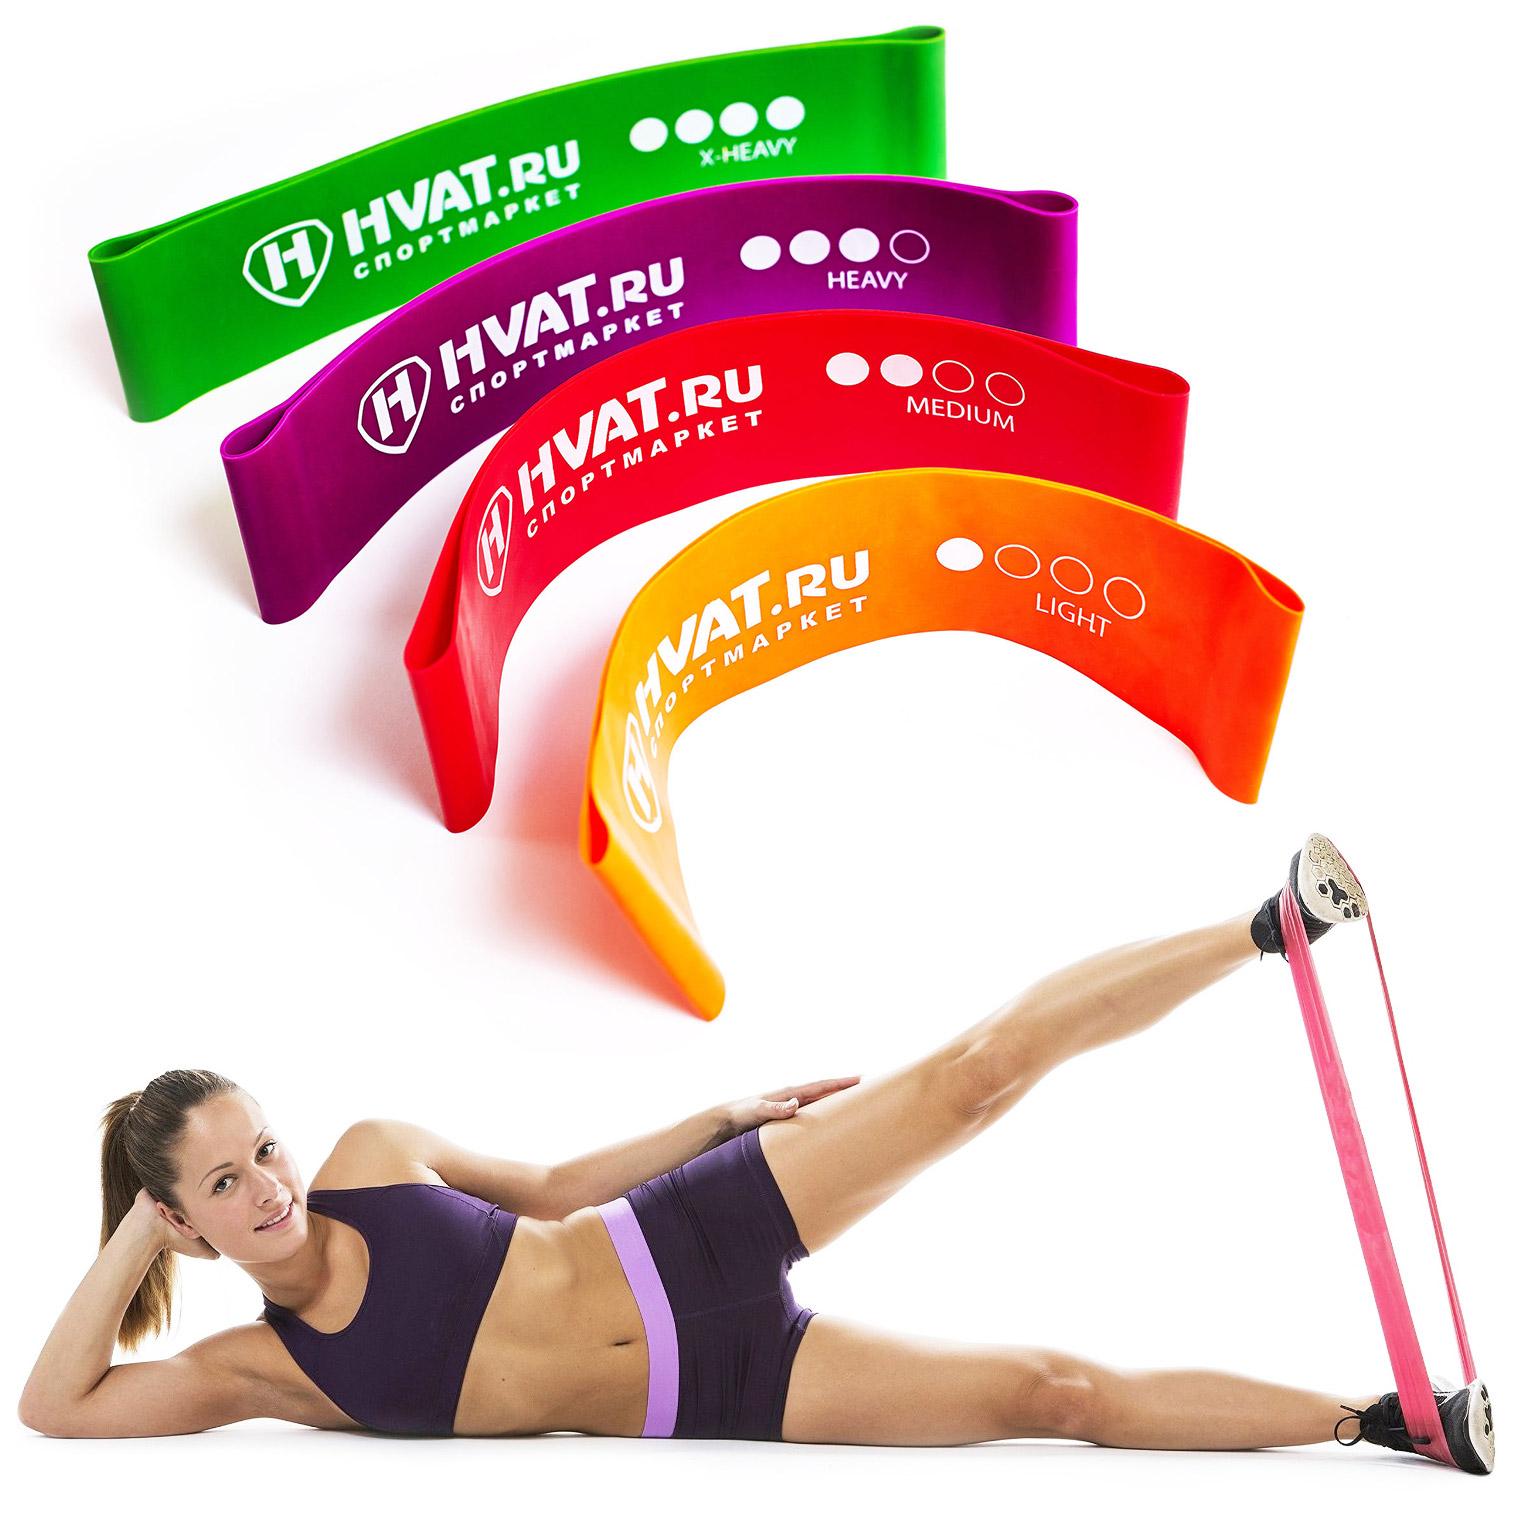 Резинки для фитнеса 5 шт. купить в Анопино